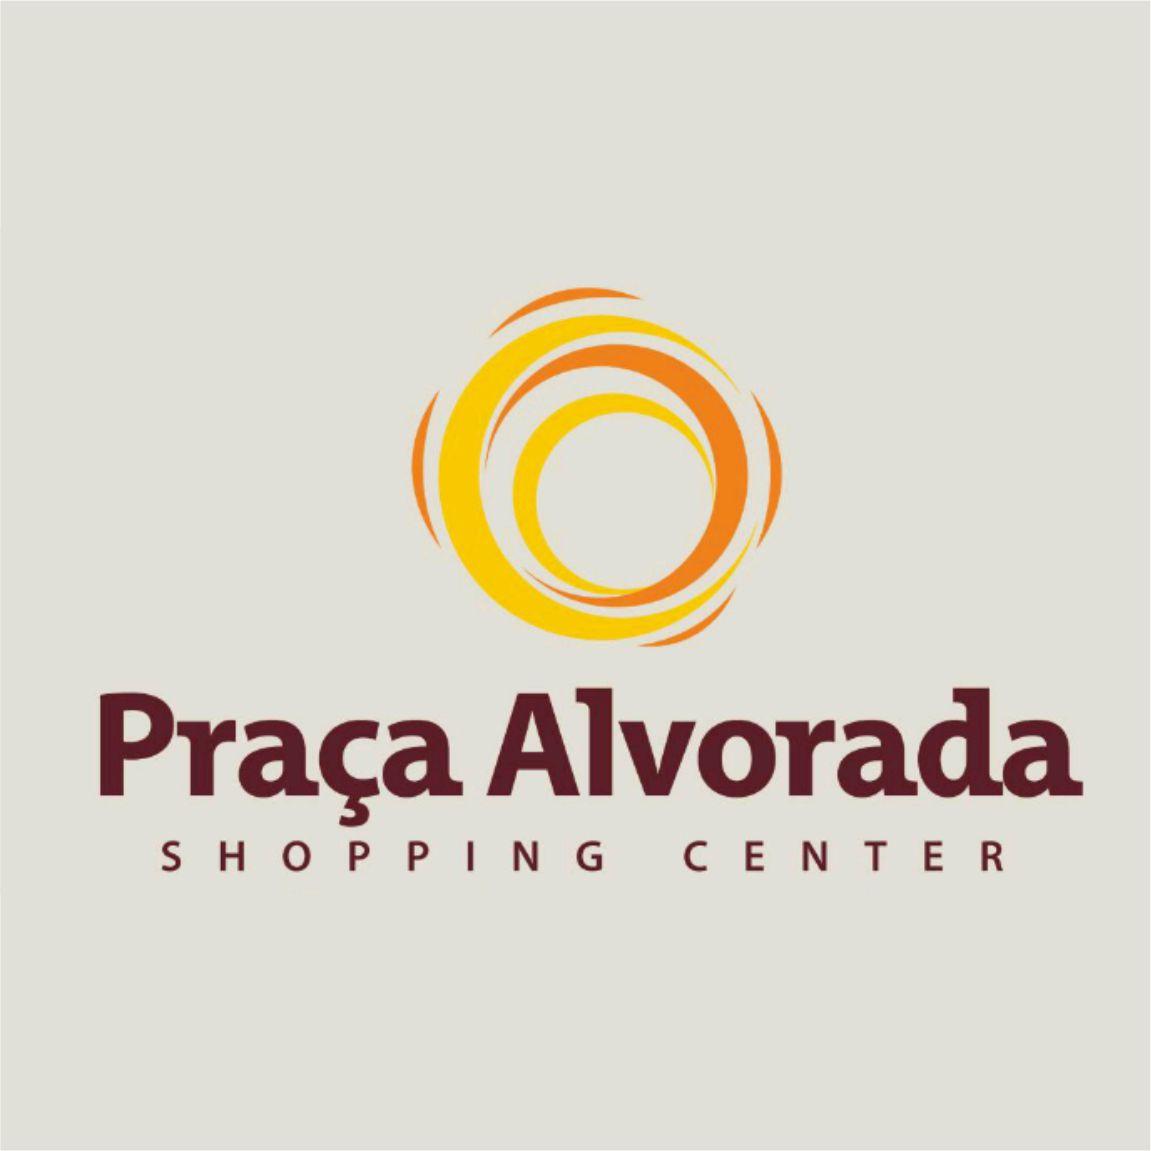 Praça Alvorada Shopping Center